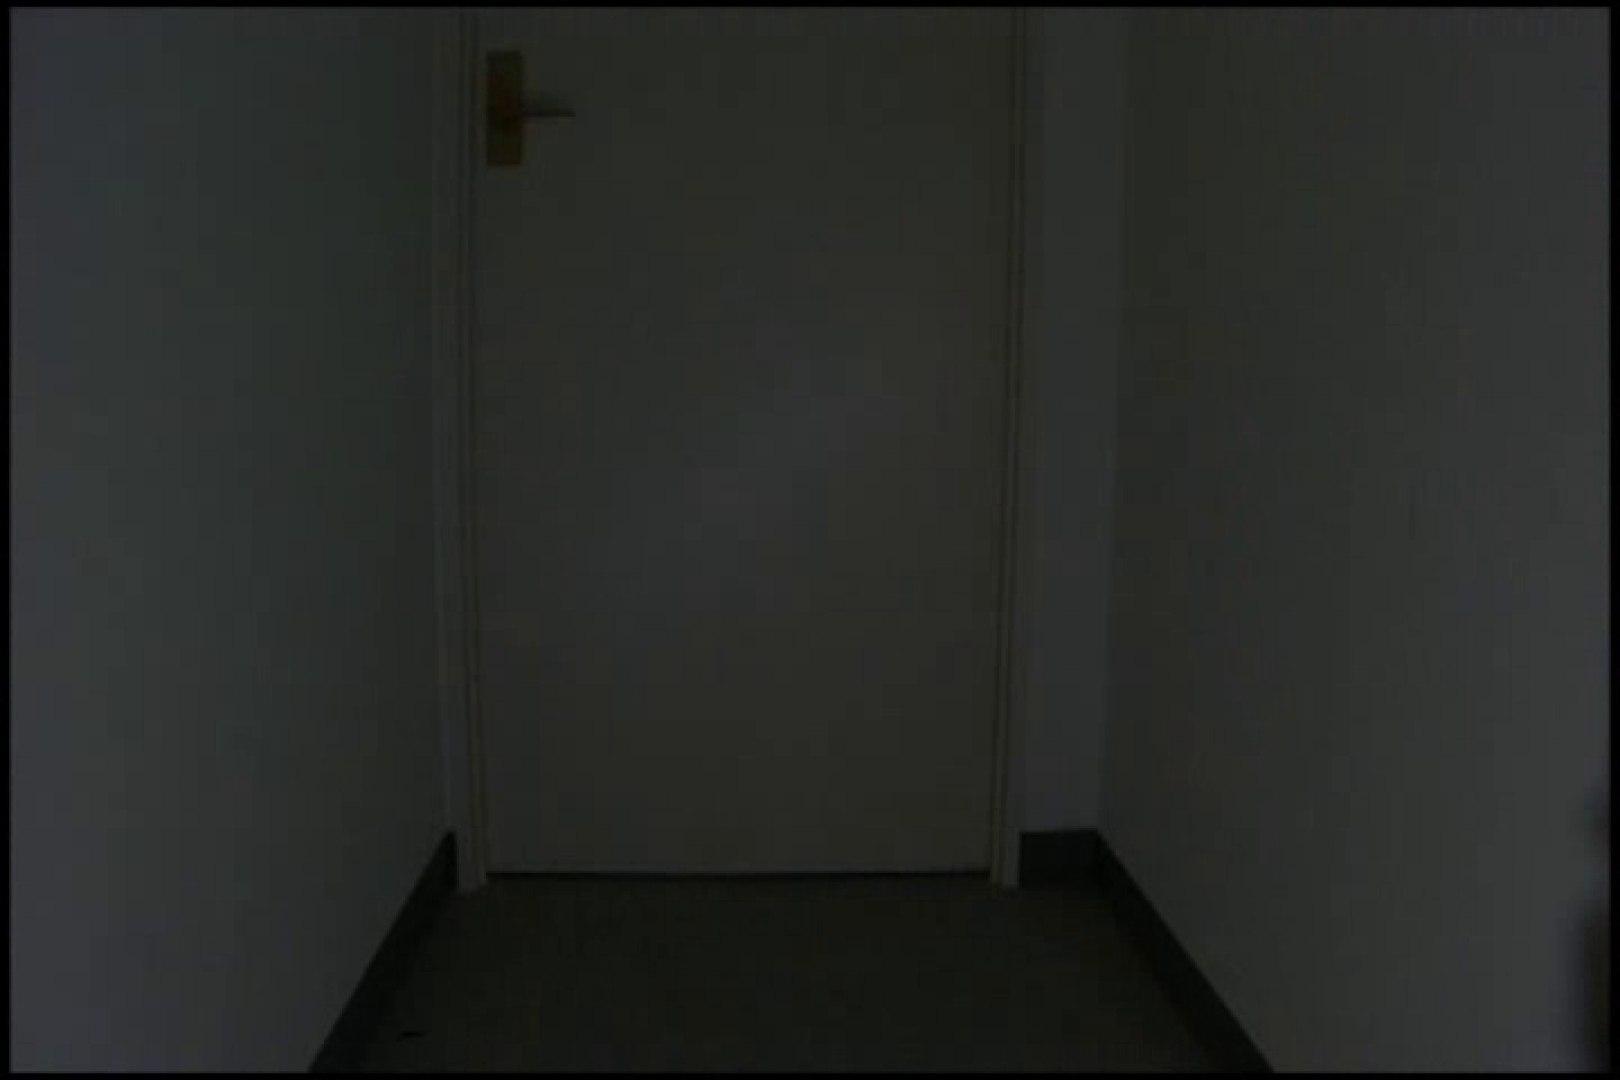 和式にまたがる女たちを待ちうけるカメラの衝撃映像vol.04 黄金水  84PIX 70